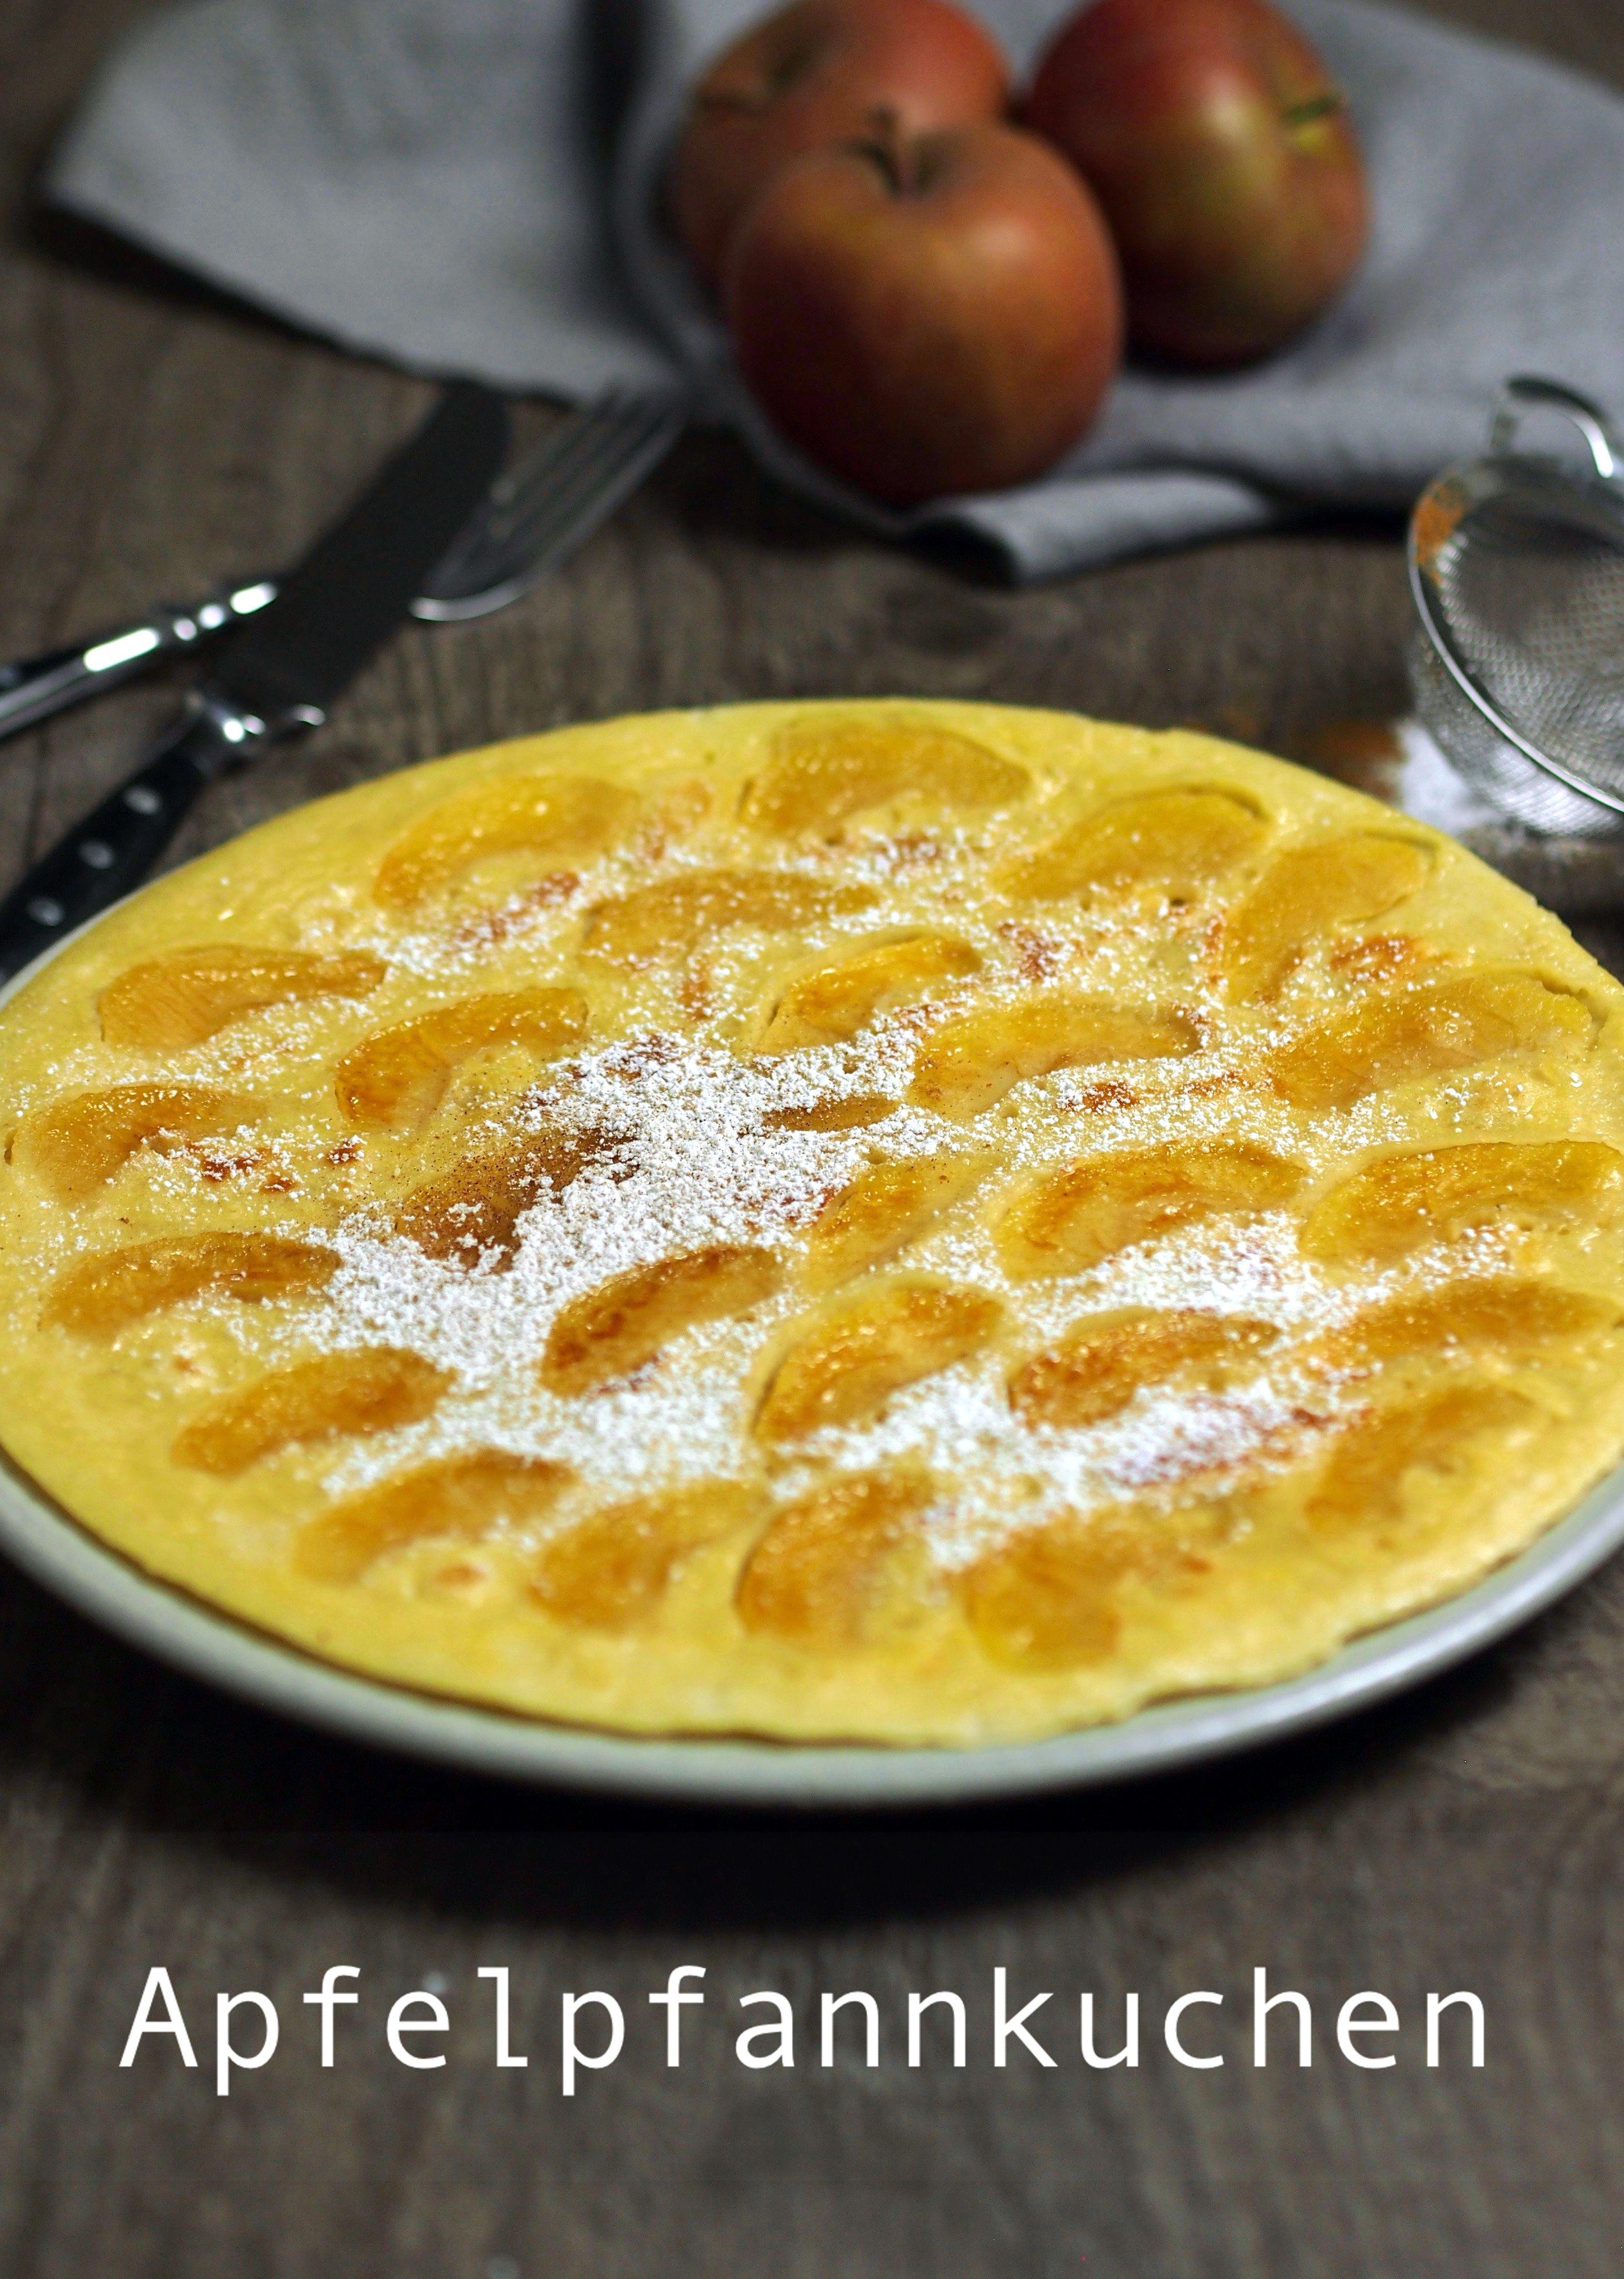 Lust auf lecker saftige Apfelpfannkuchen mit Boskop-Äpfeln? Puderzucker und Zimt gibt's noch obendrauf. Yummy! | Das Rezept gibt's auf: www.sarahs-greenfield.blogspot.com